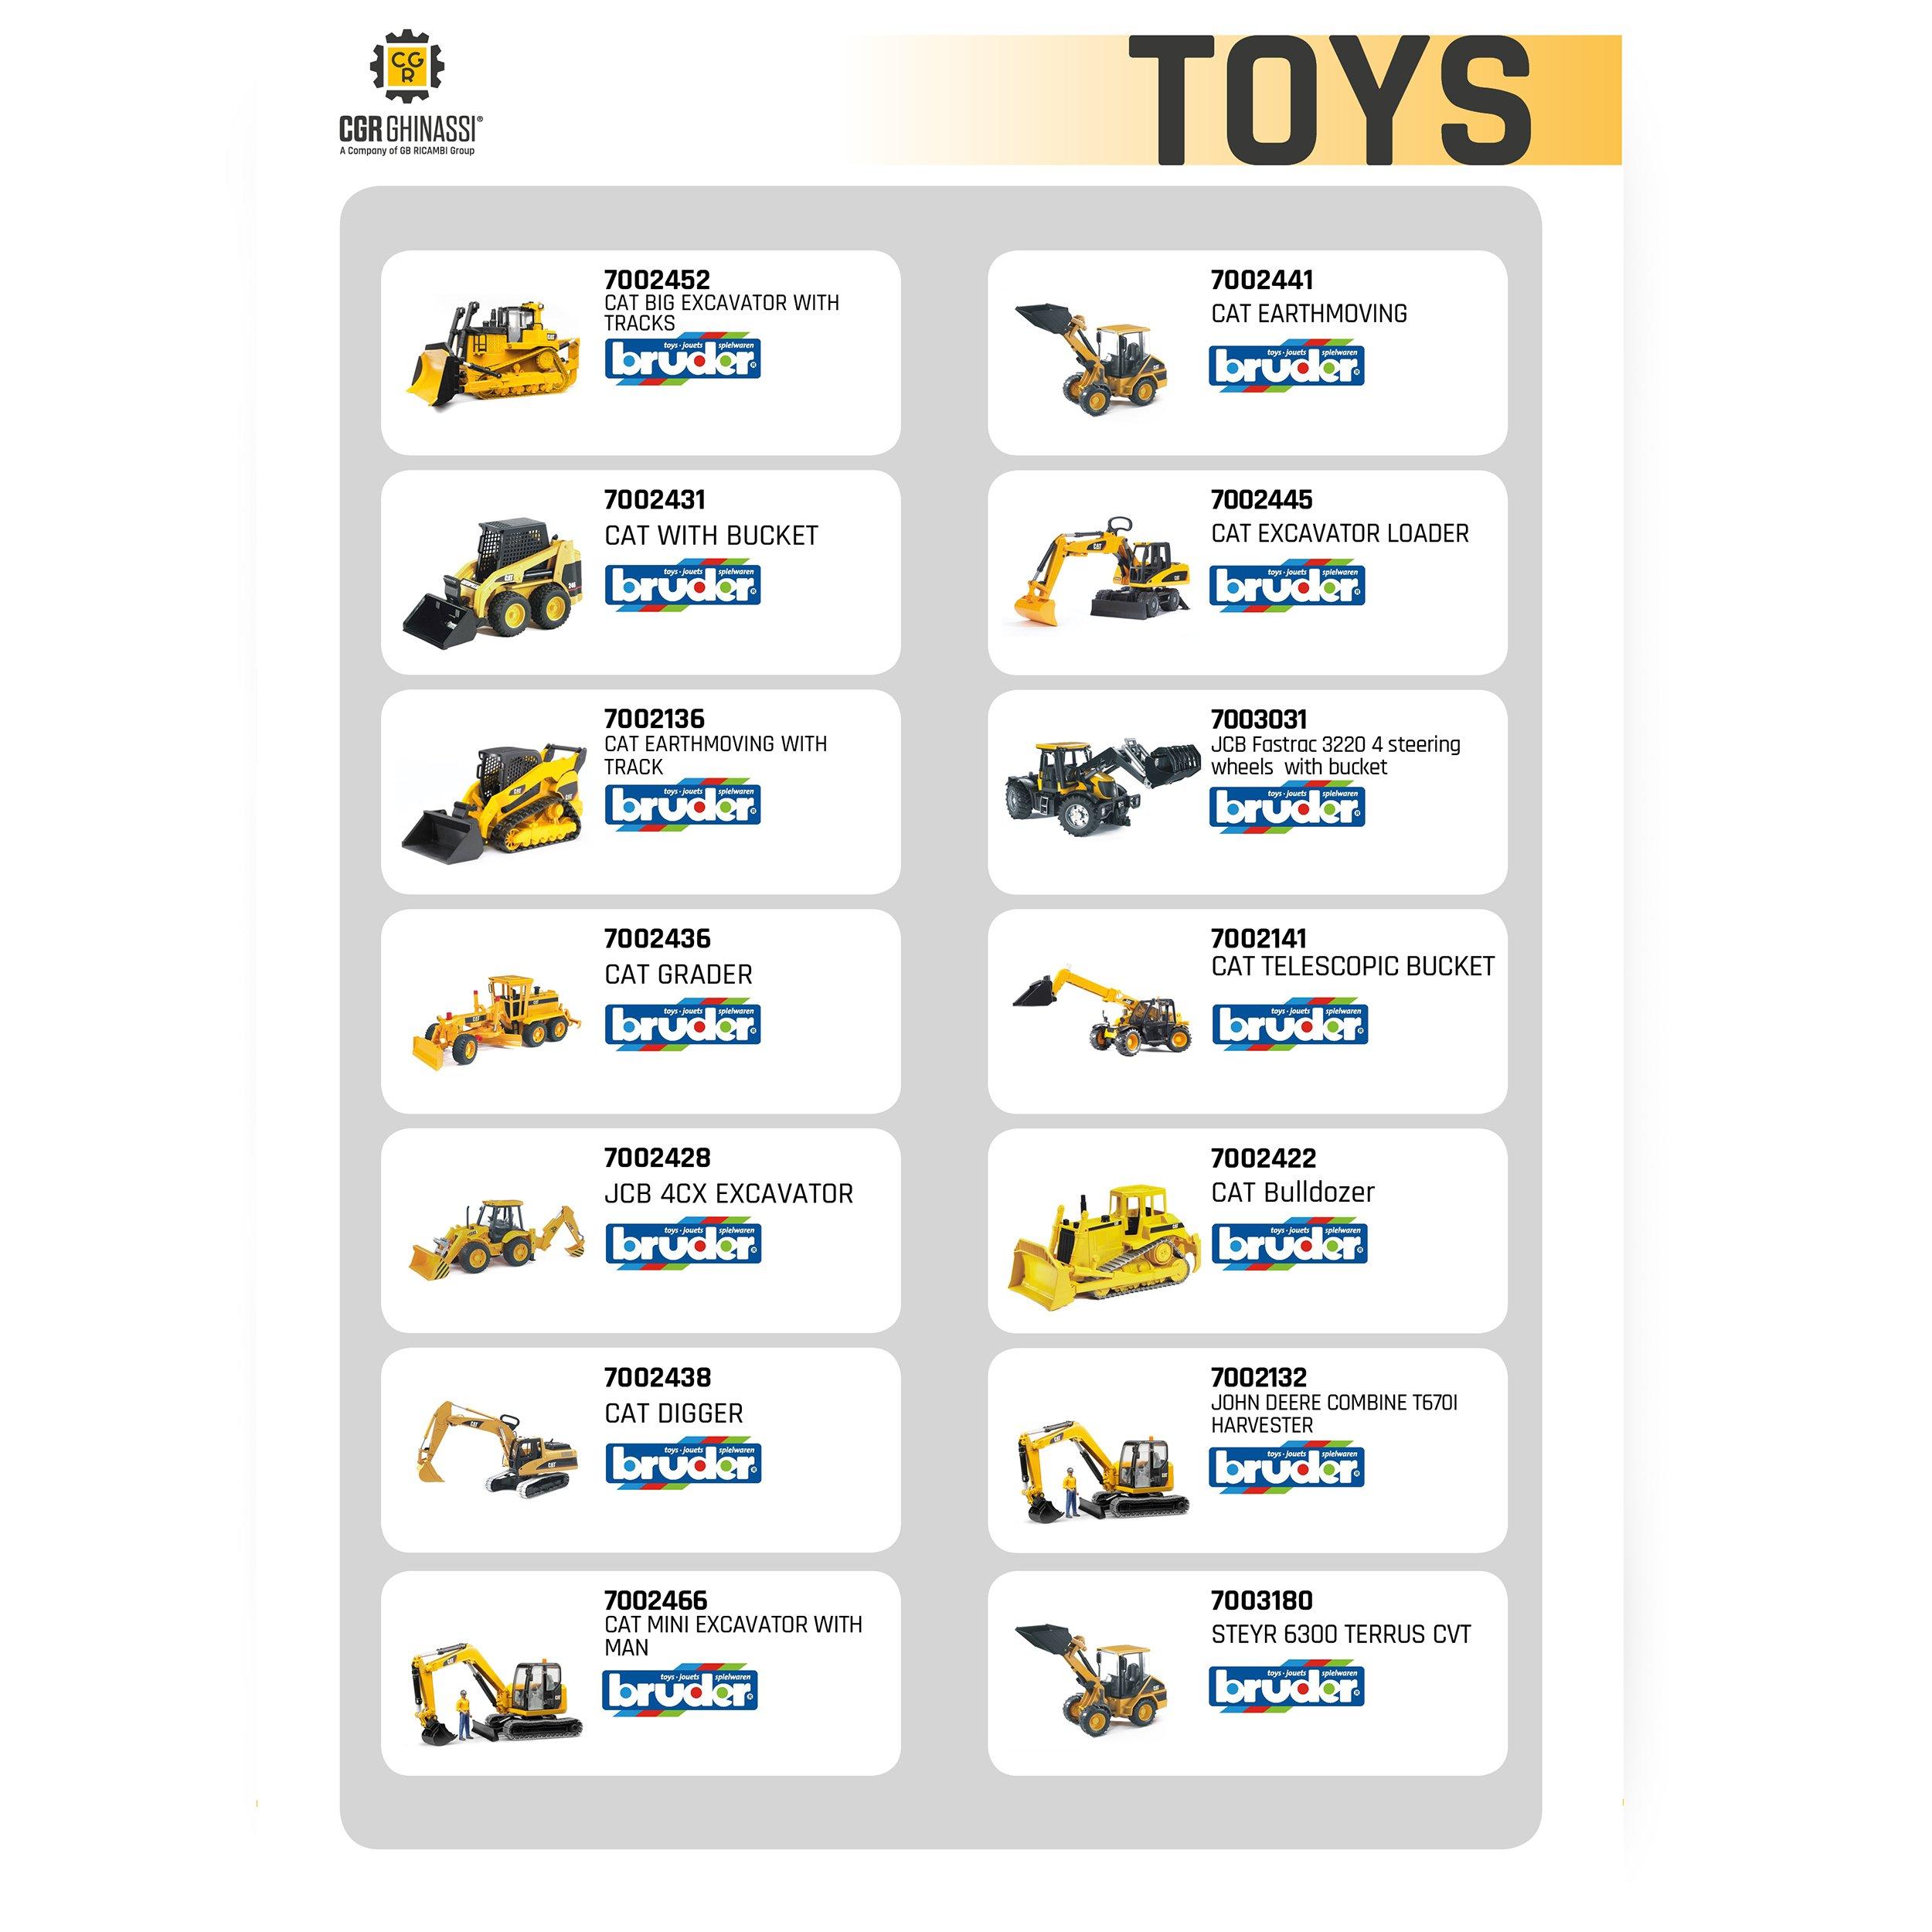 toys_ind_mockup